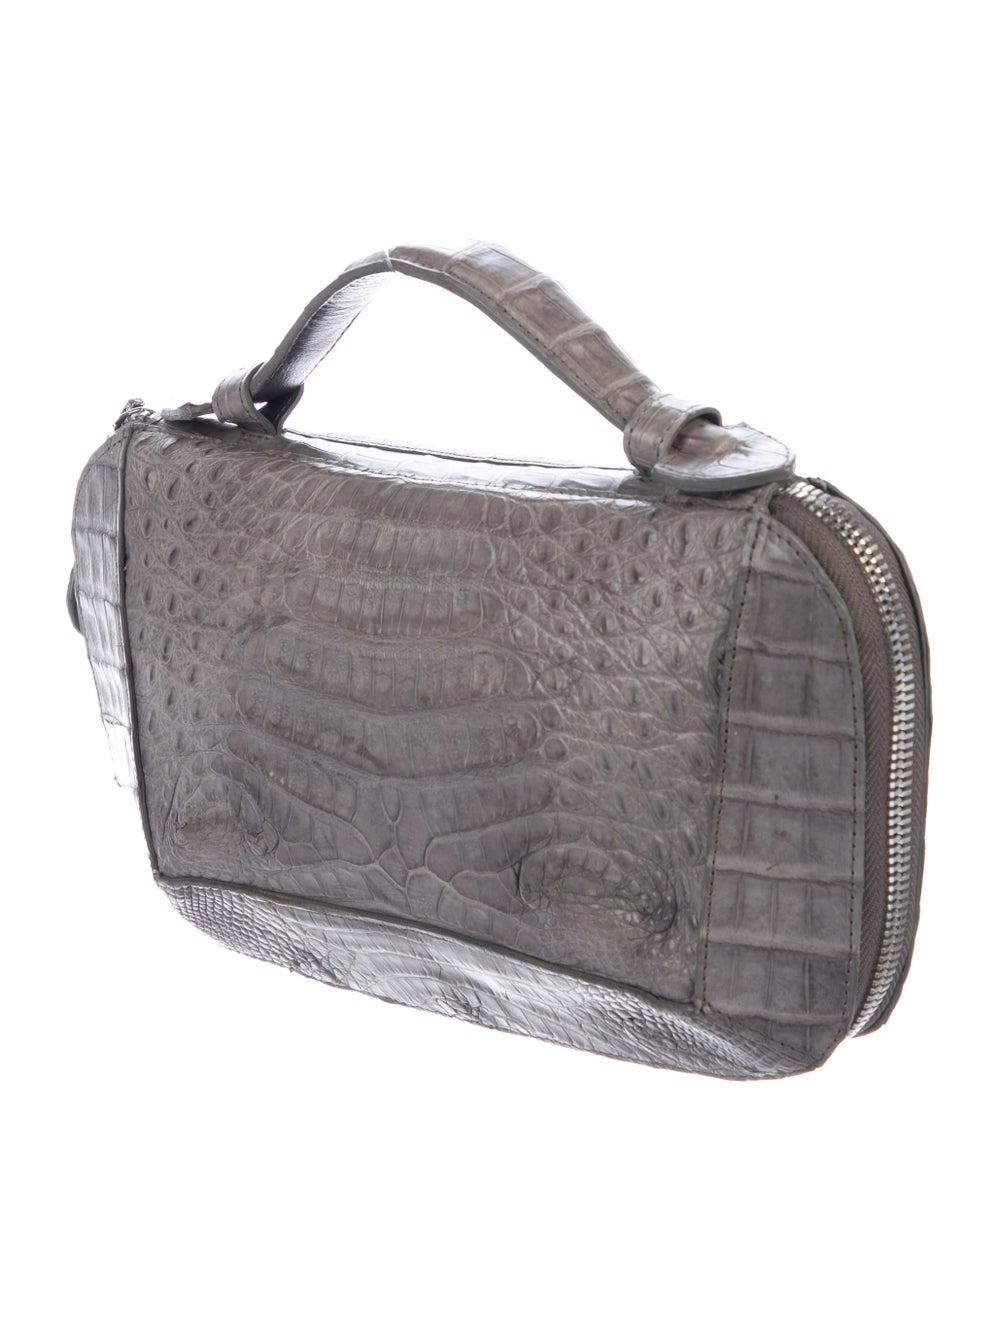 Rhonda Ochs Crocodile Portfolio Clutch Grey - image 3